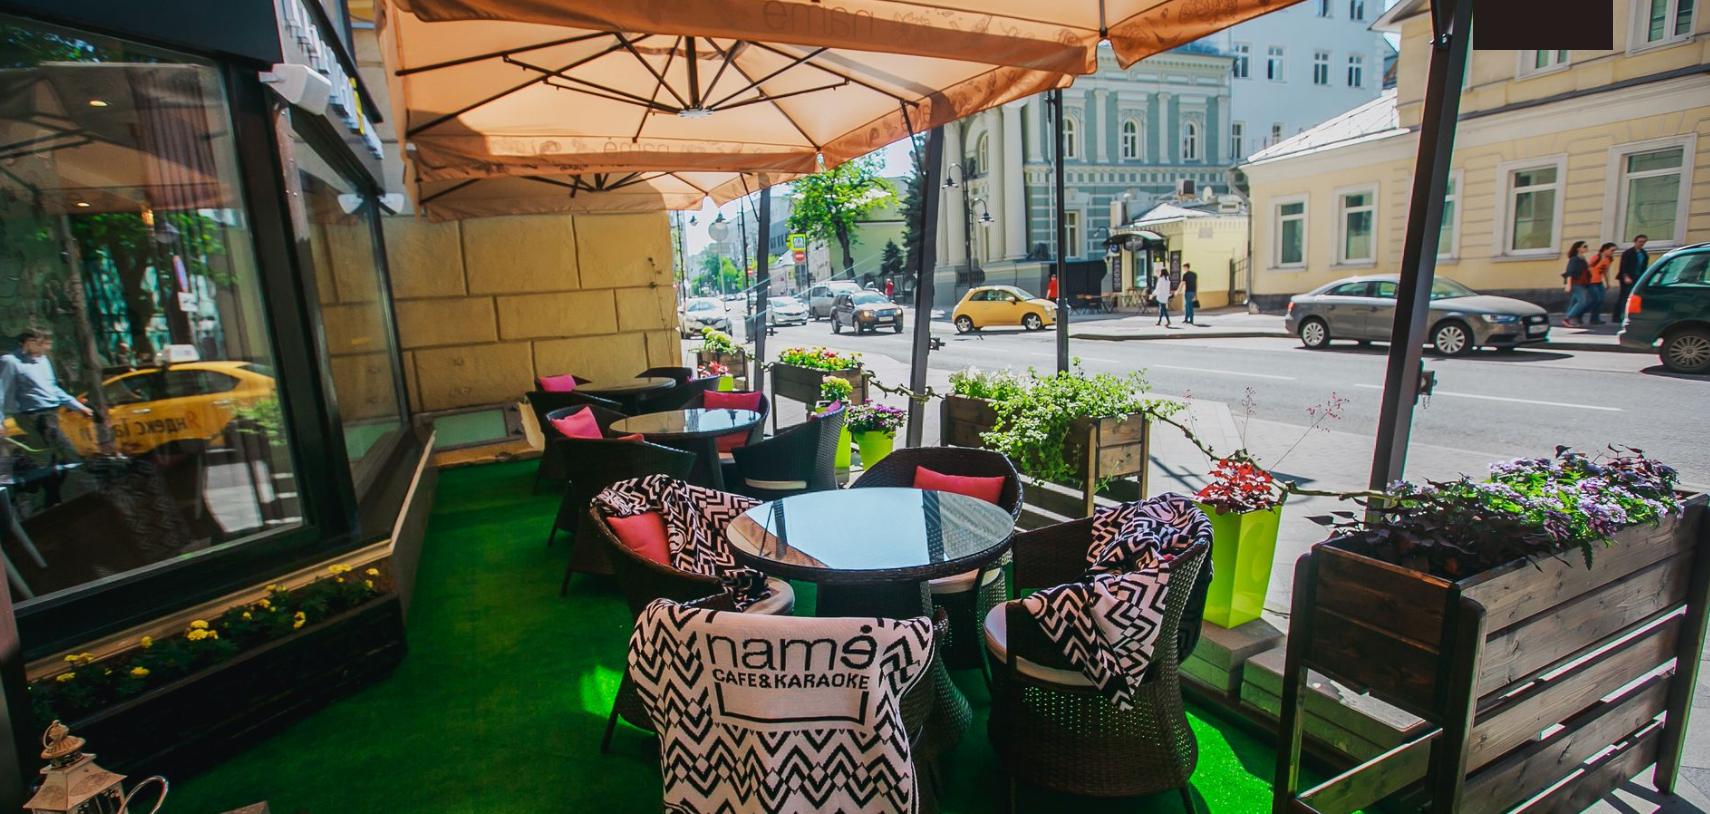 Где мы будем пить вино в эти выходные: 11 классных мест на открытом воздухе